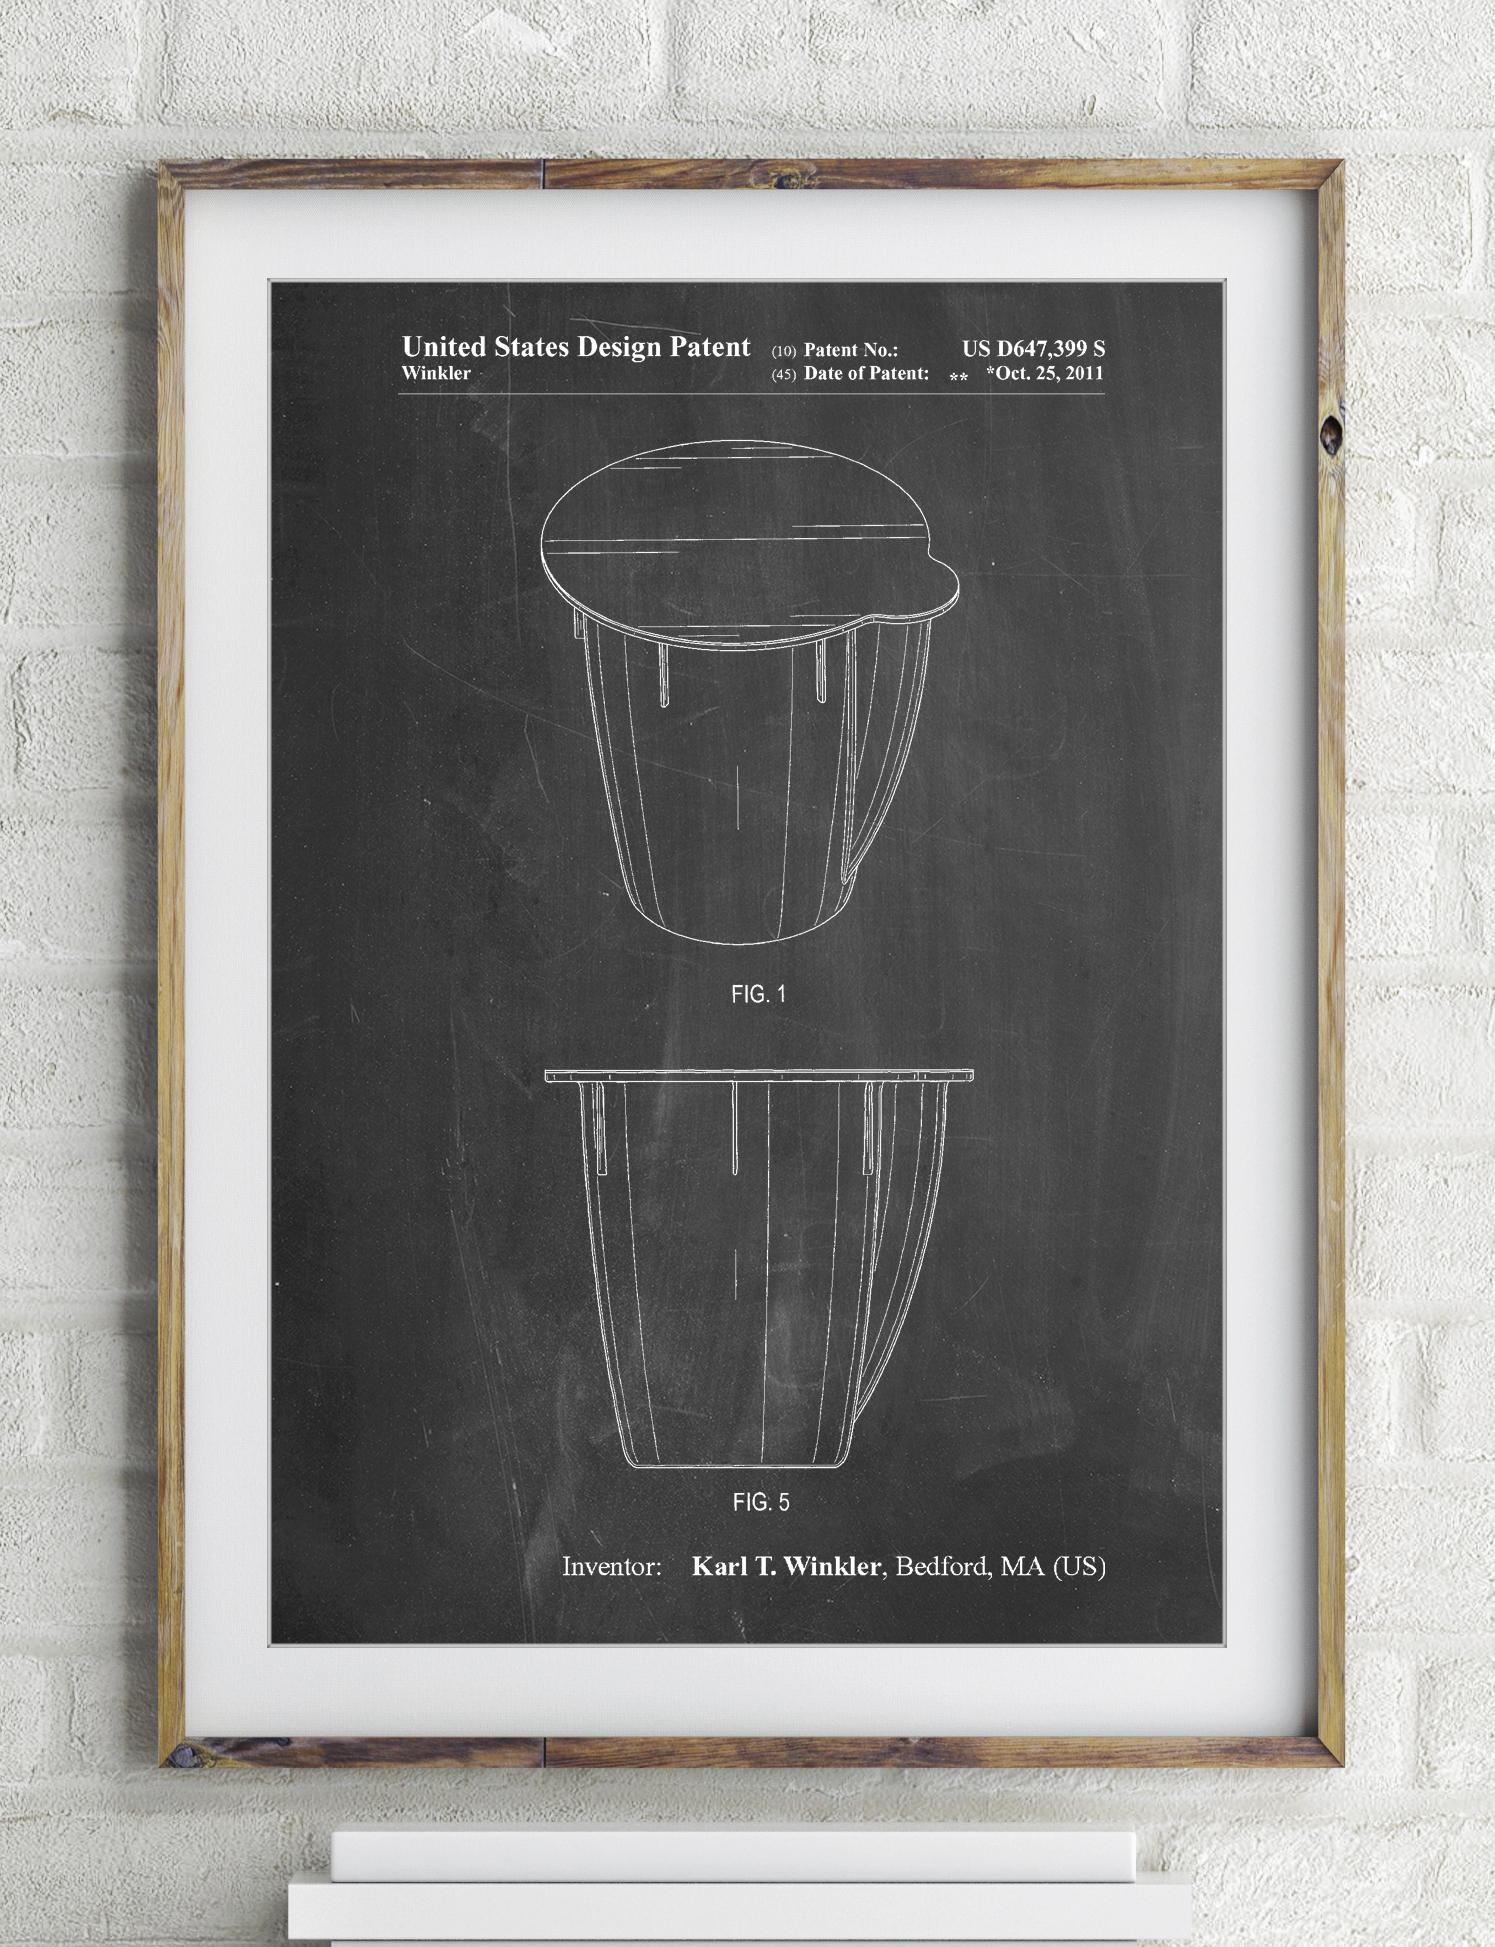 Keurig Cup Poster 2364625